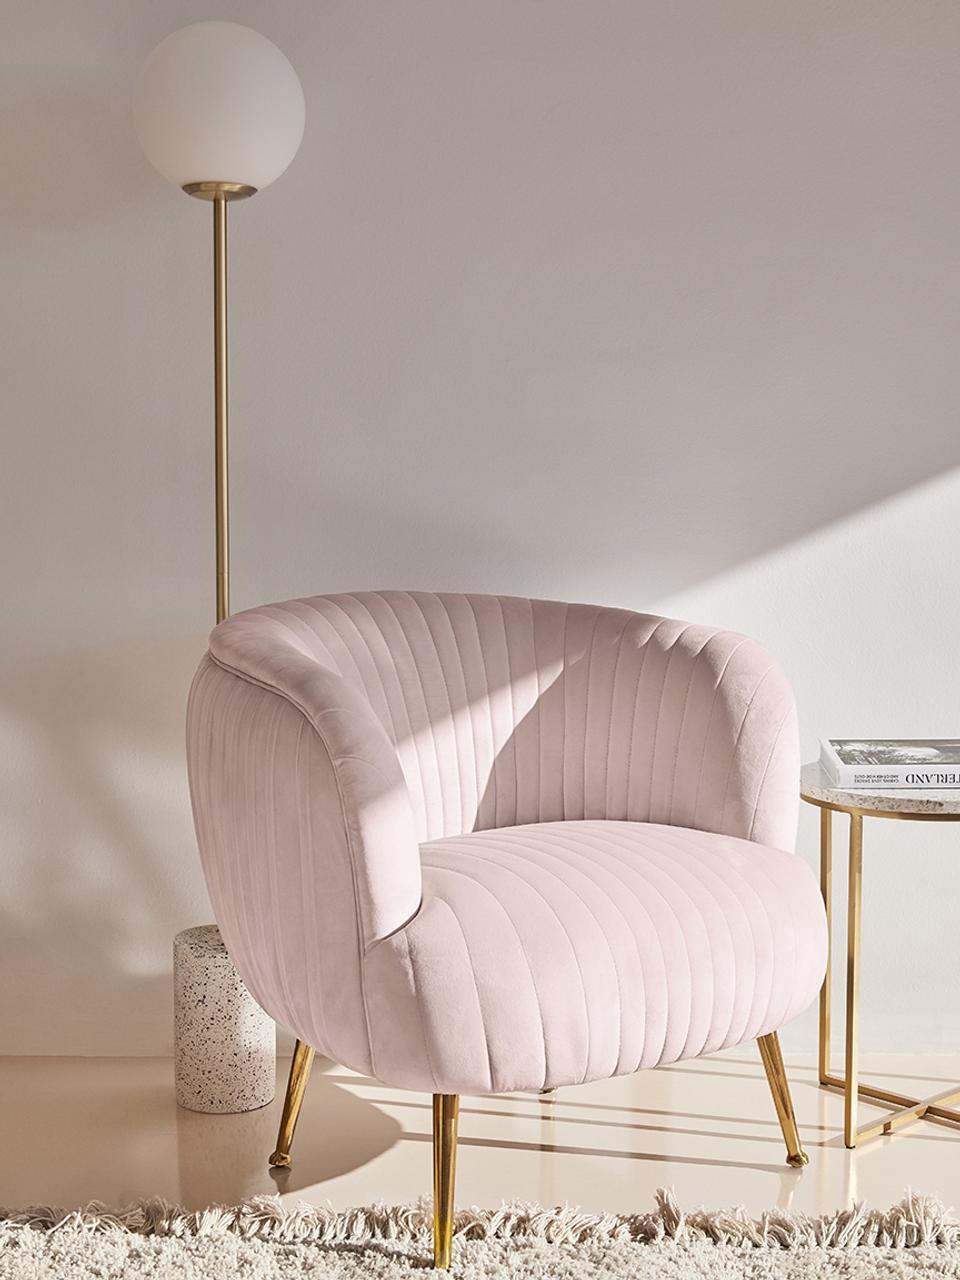 Fluwelen fauteuil Cara in roze, Bekleding: fluweel (polyester), Frame: massief berkenhout, spaan, Poten: gecoat metaal, Fluweel lichtroze, 81 x 78 cm